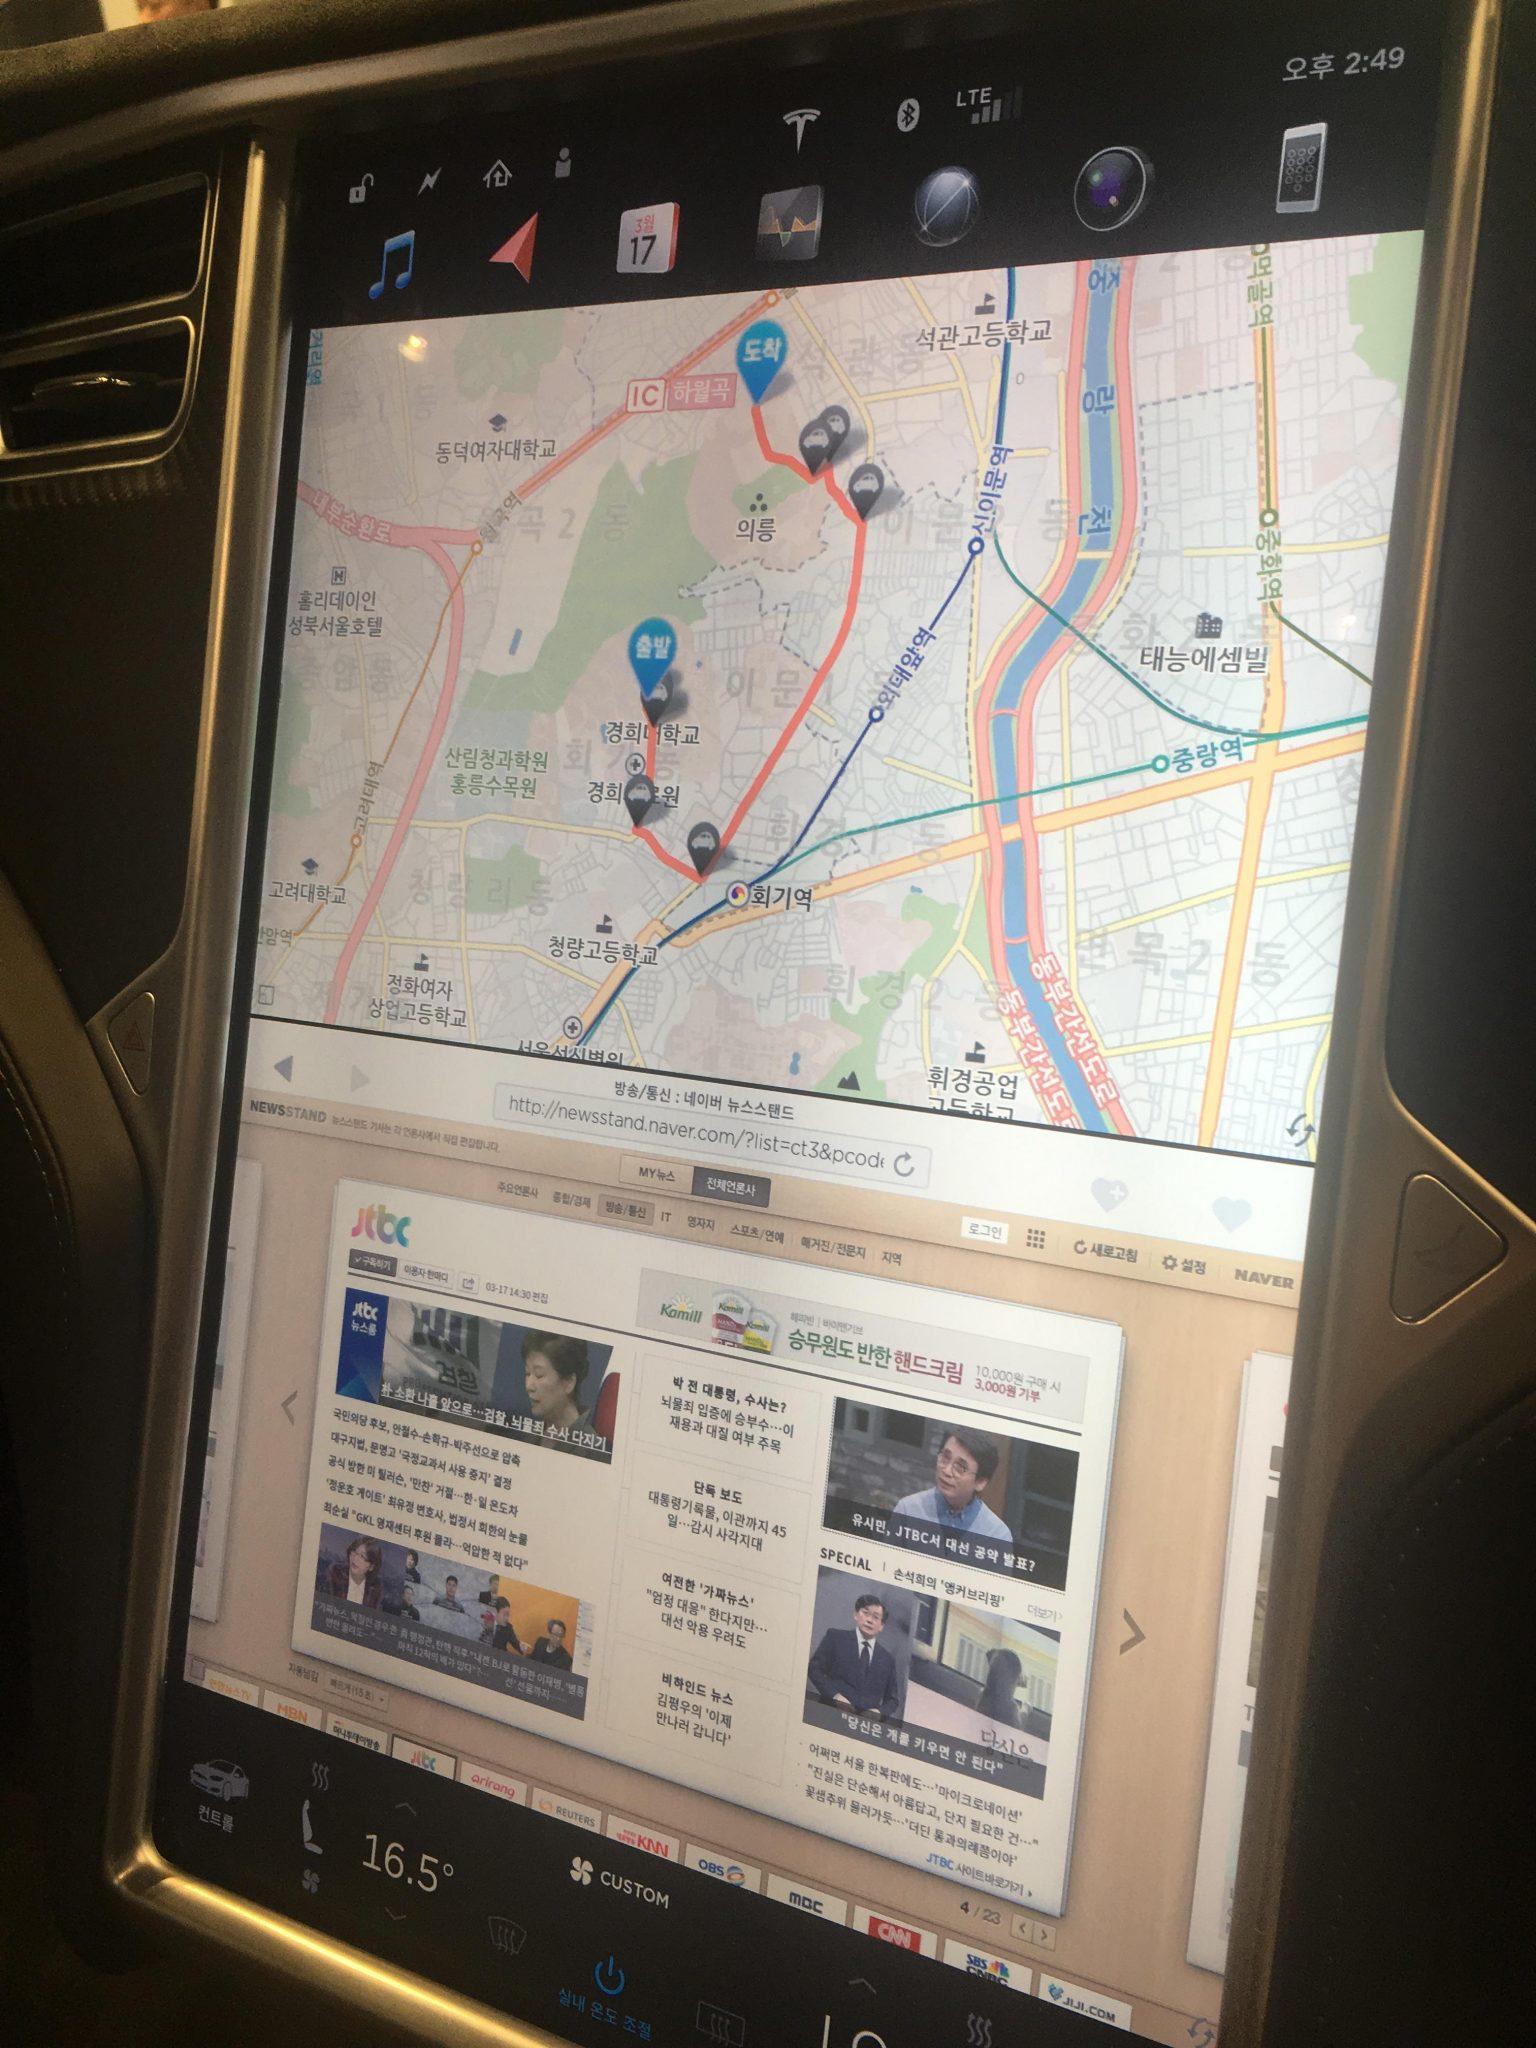 테슬라 모델 S LCD 대시보드 네비게이션